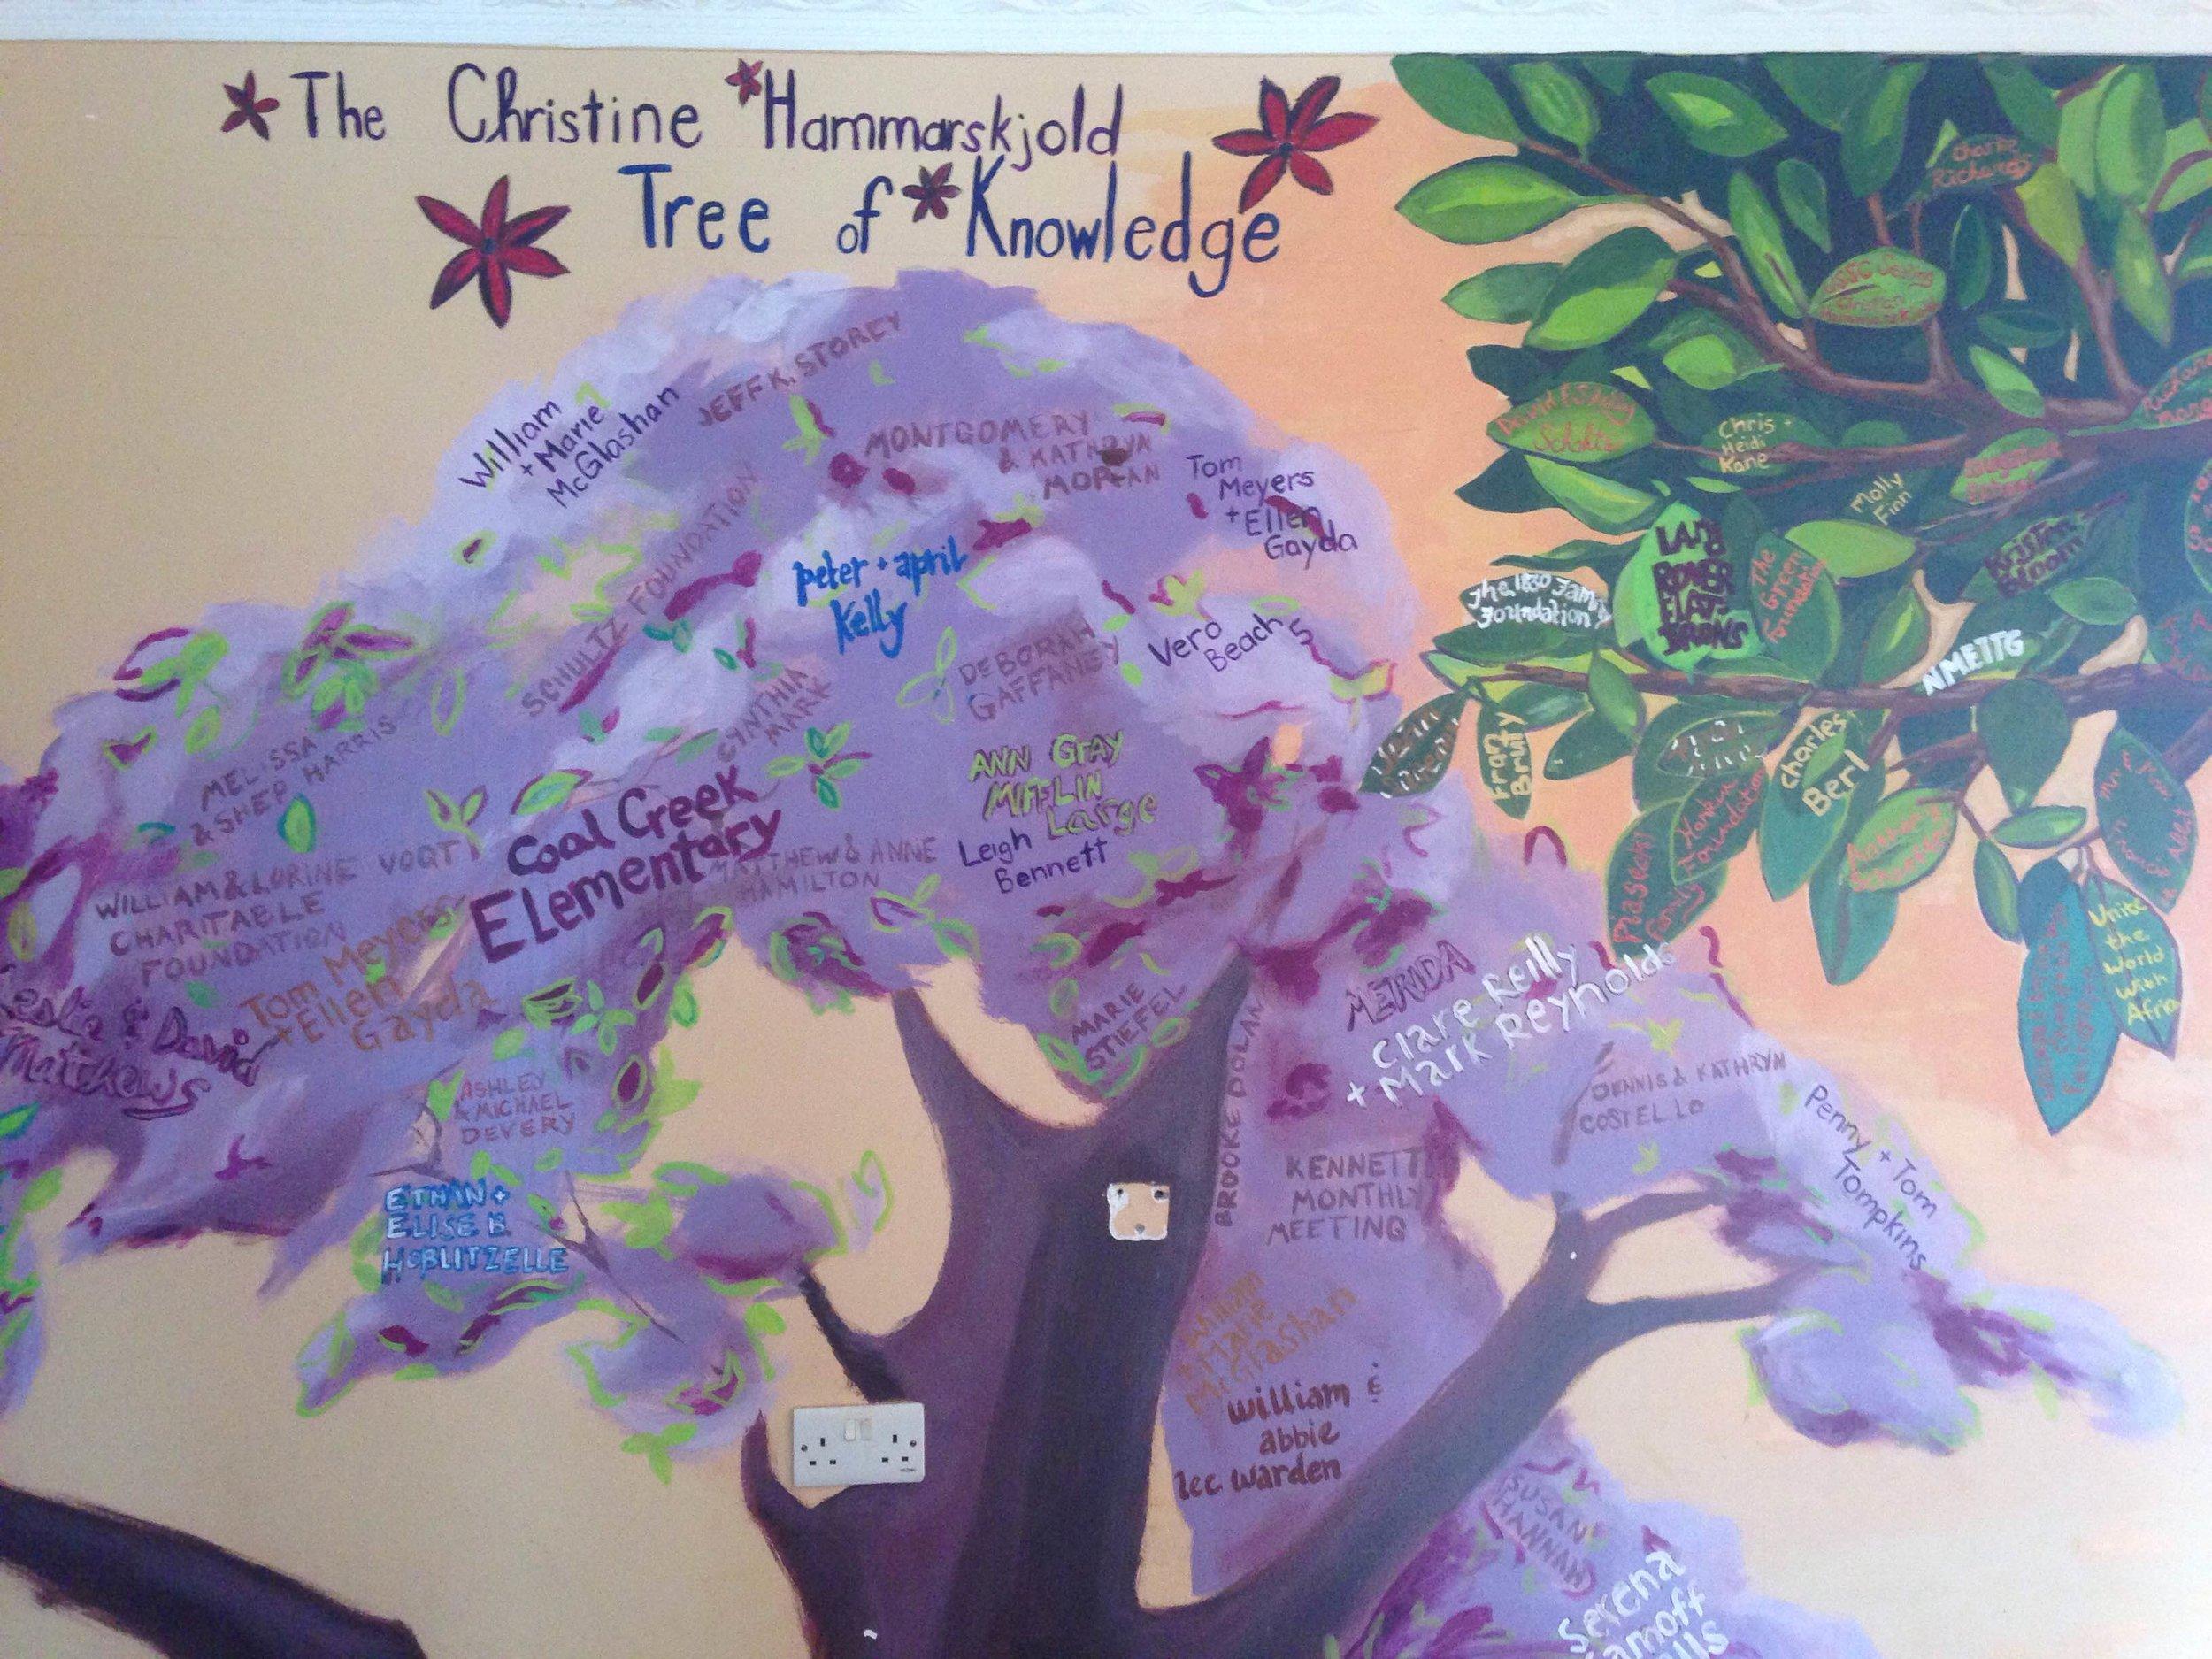 The Tree of Knowledge mural at SEGA